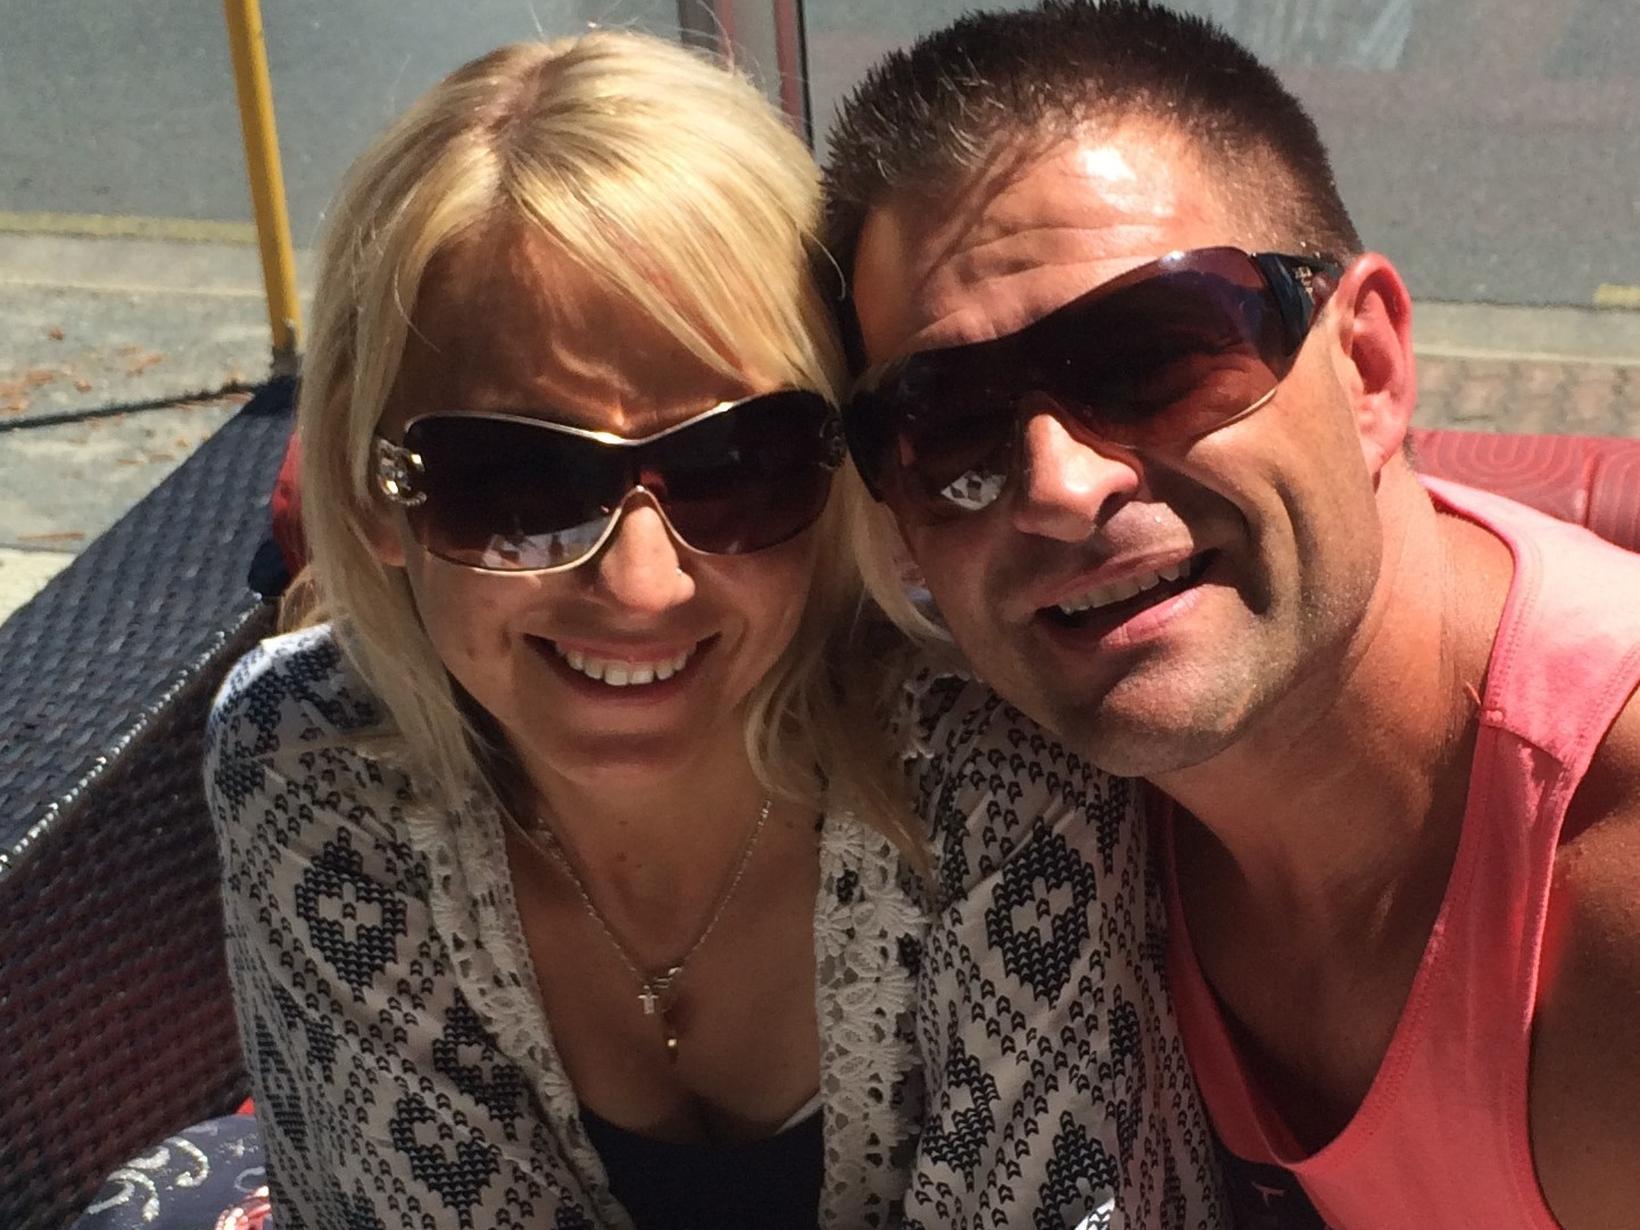 Rene  & Tammii  from Hallett Cove, South Australia, Australia